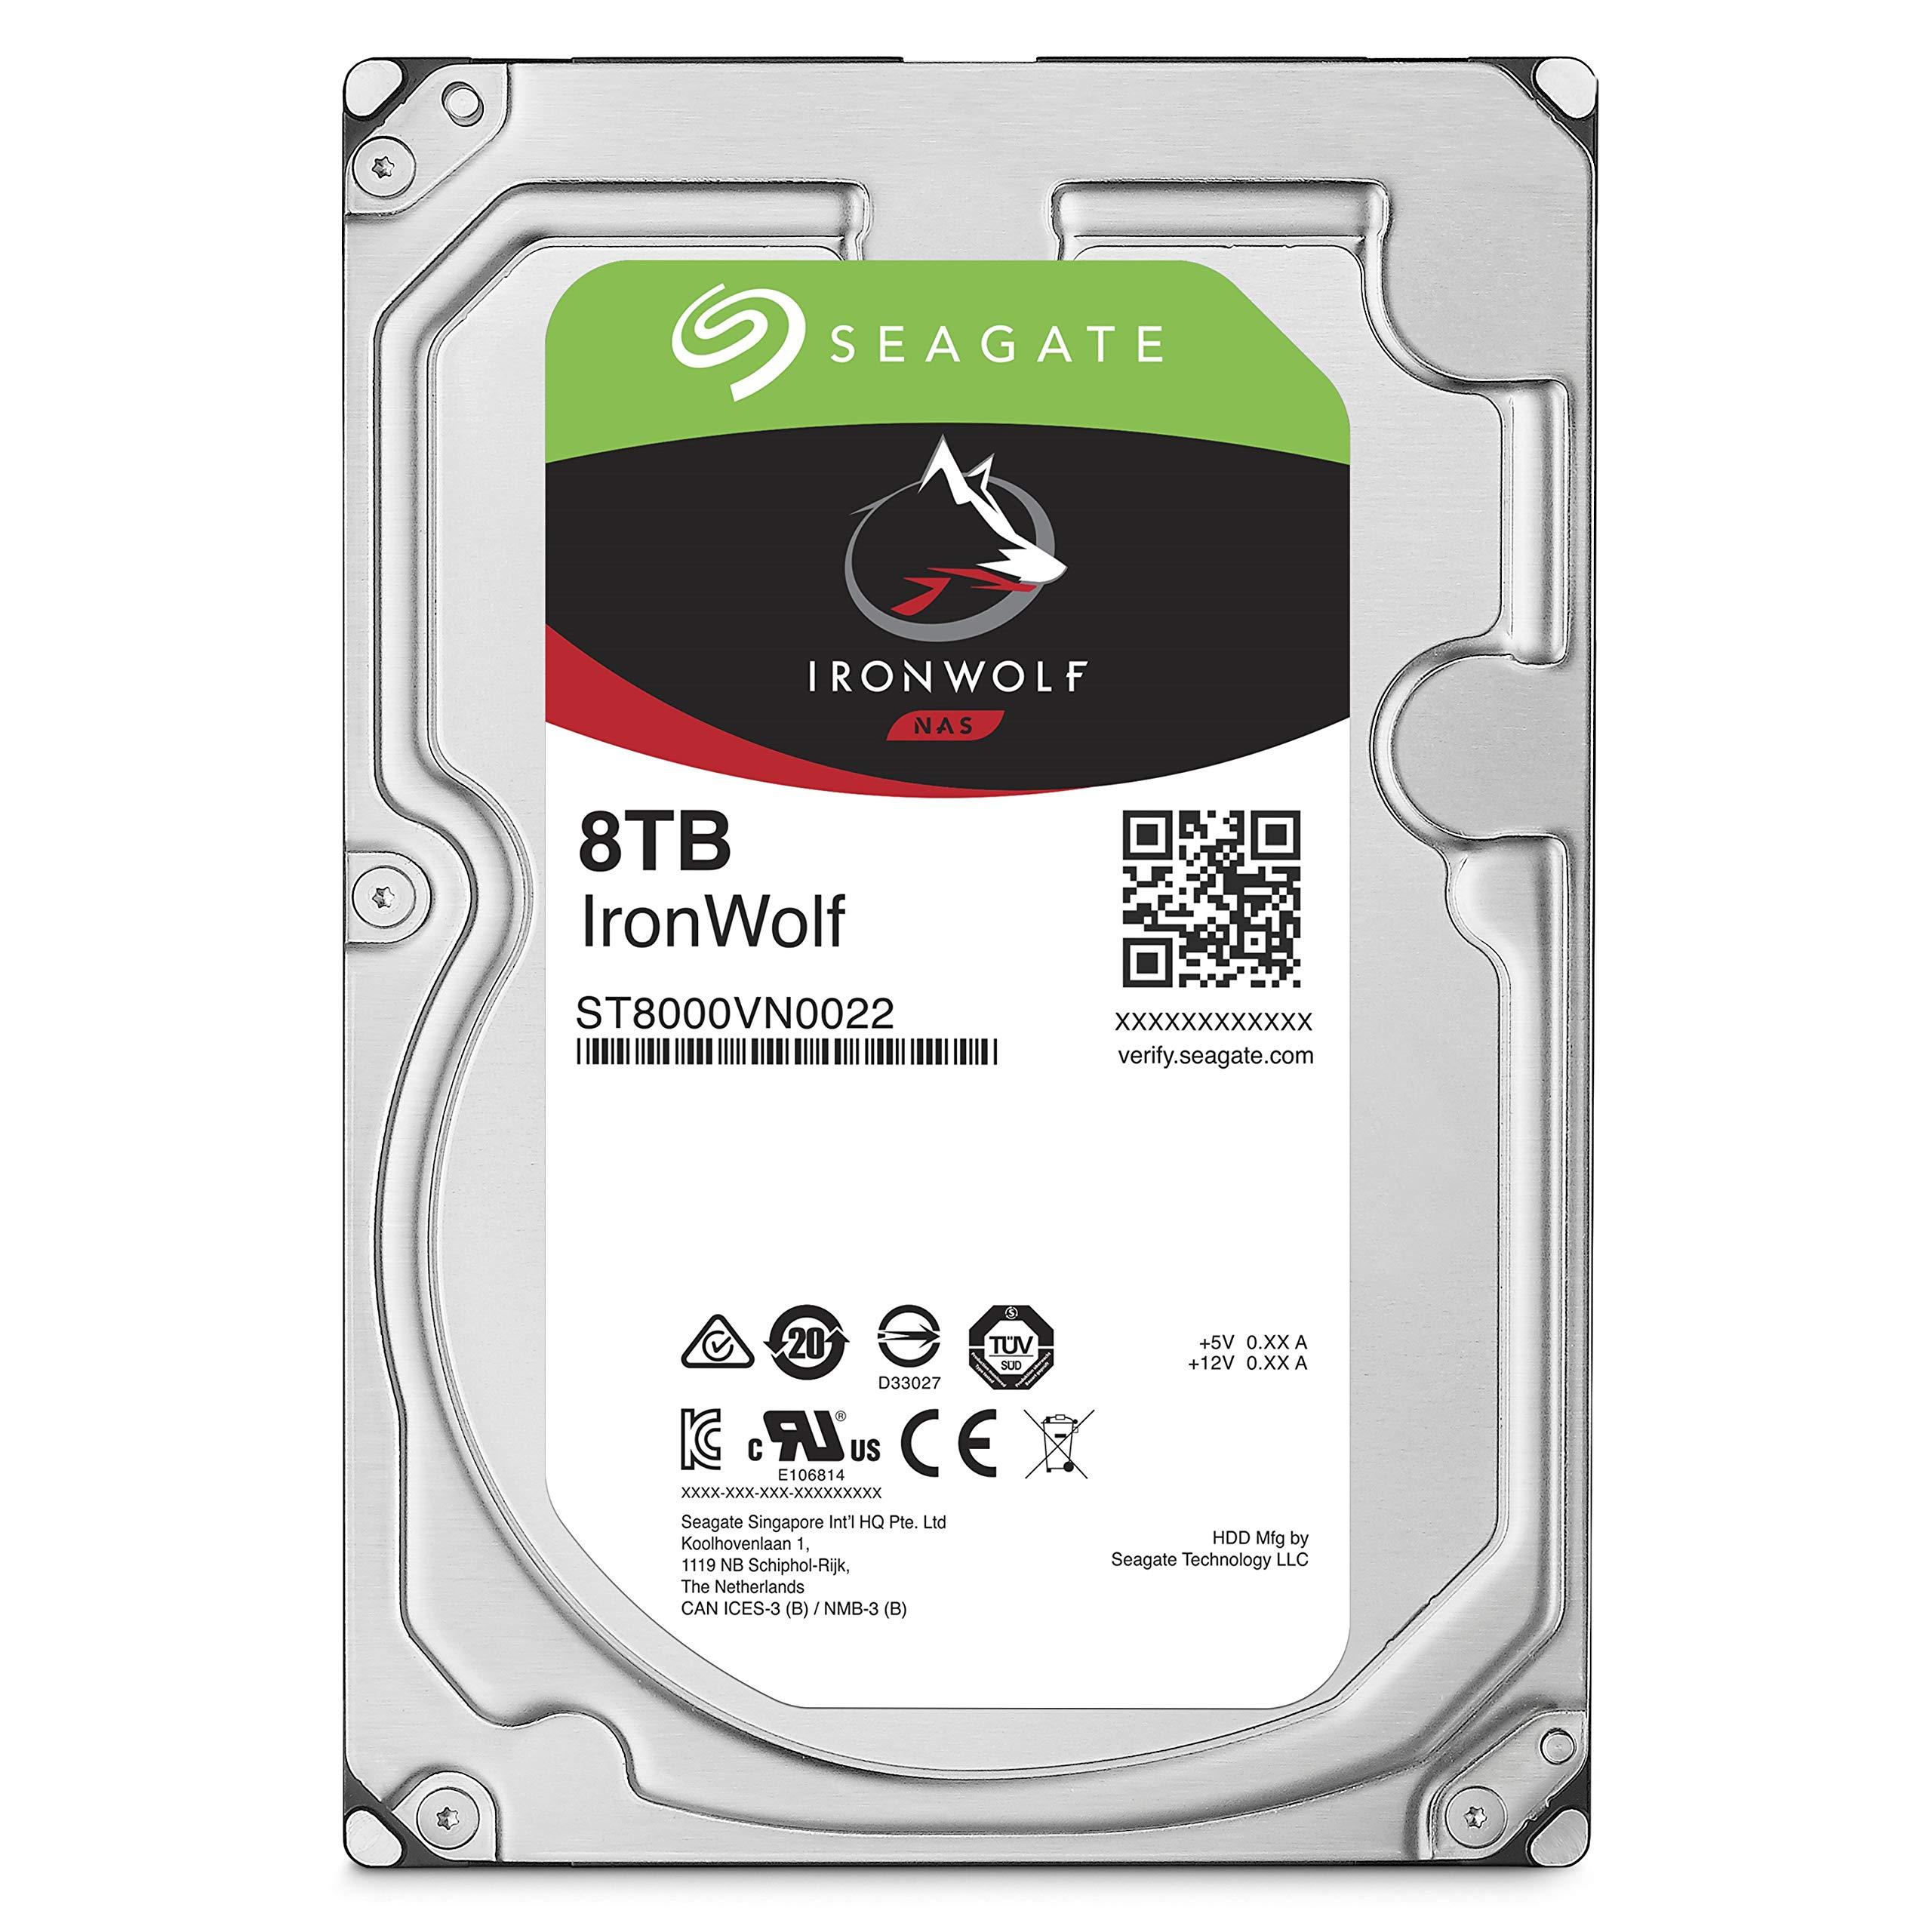 PC NAS用SEAGATEシーゲイトIronWolfクールなオオカミシリーズSATA3 8TB機械ハード256M 7200 rpmでシーゲイト3.5